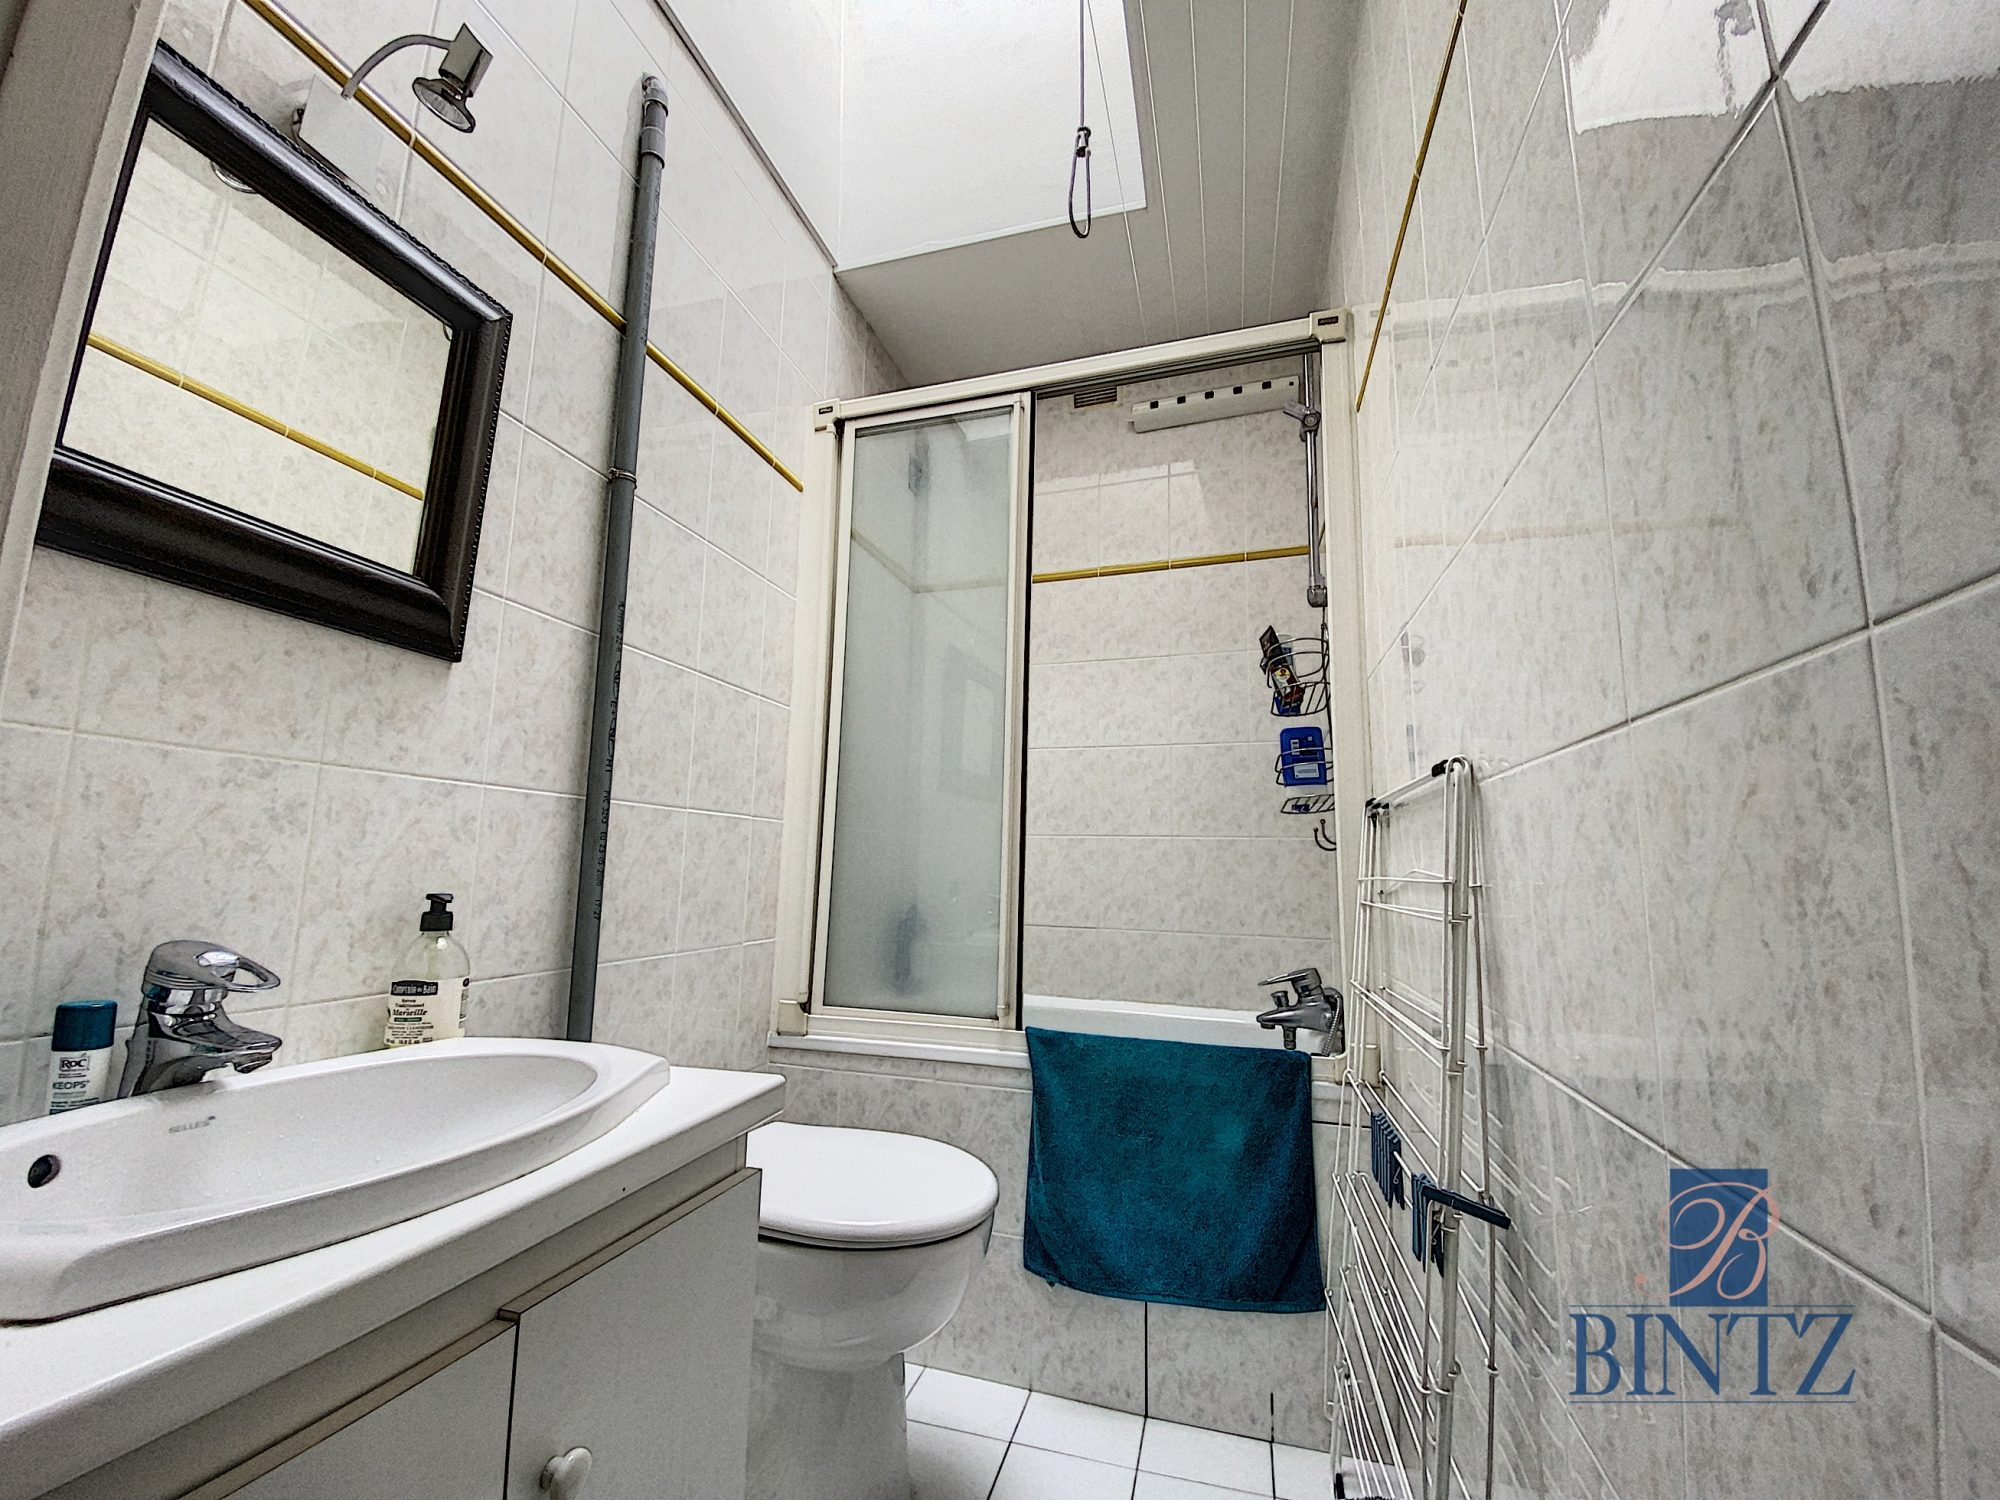 PARIS 17eme – 2 pièces rénové Boulevard Pereire - Devenez propriétaire en toute confiance - Bintz Immobilier - 11